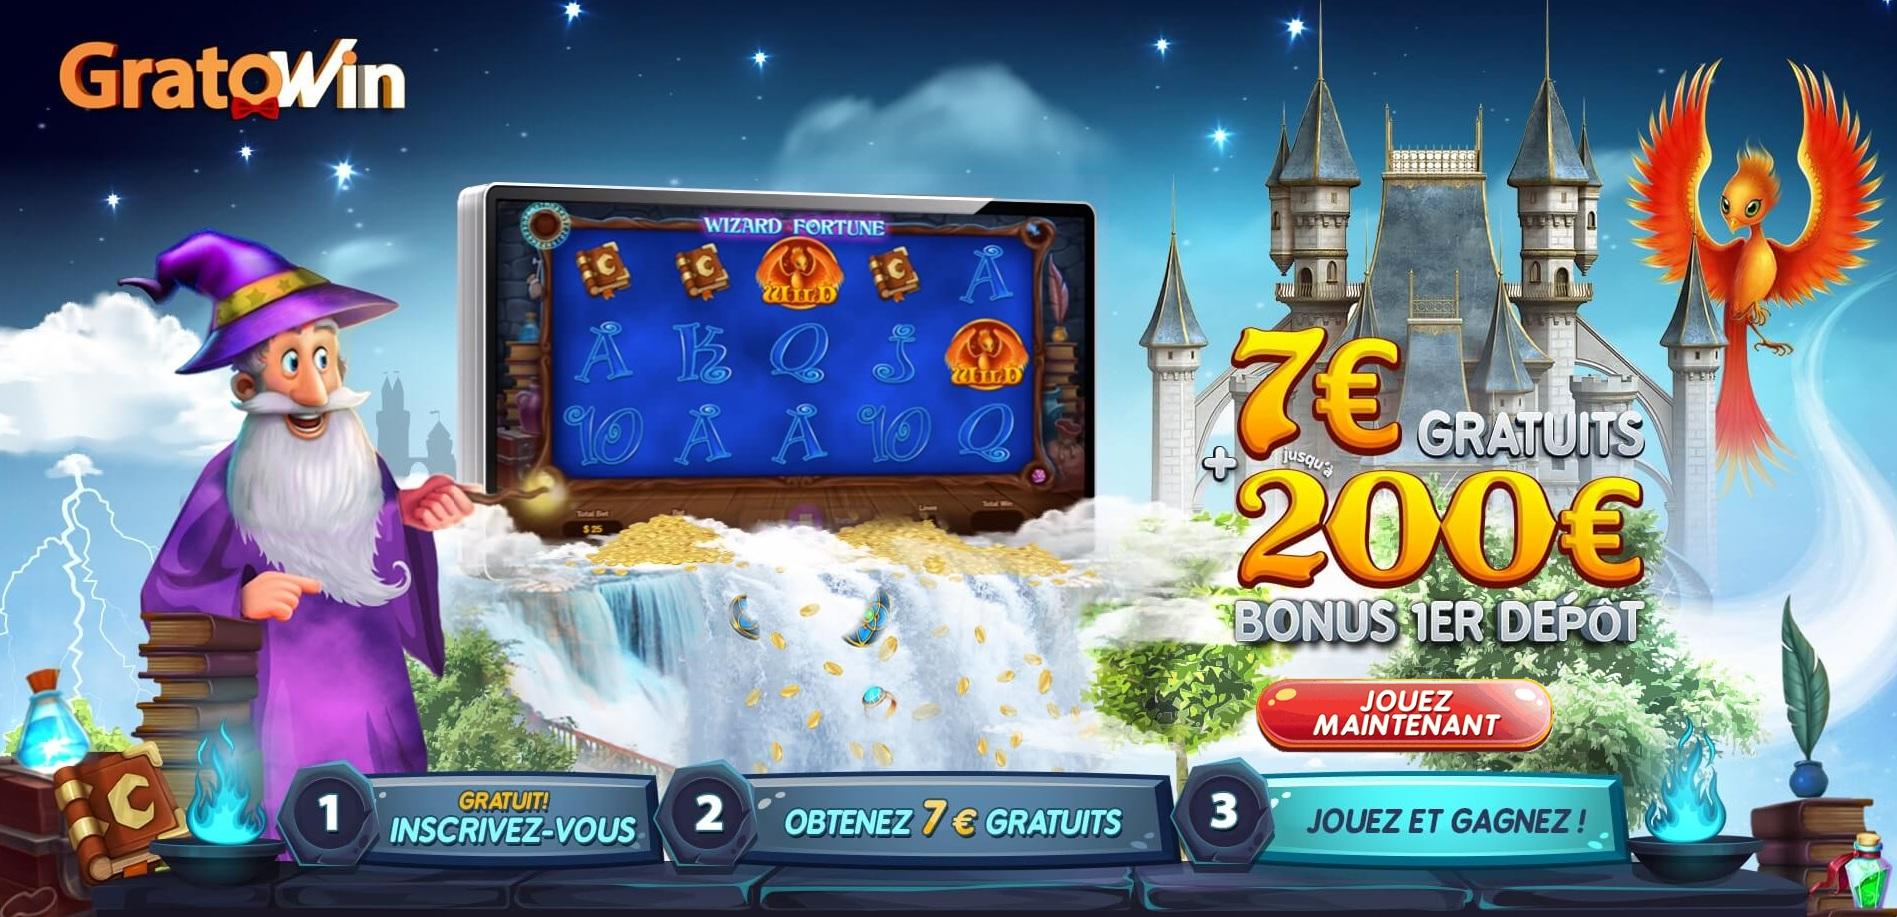 Gratowin avis : ce que nous pensons de ce casino en ligne